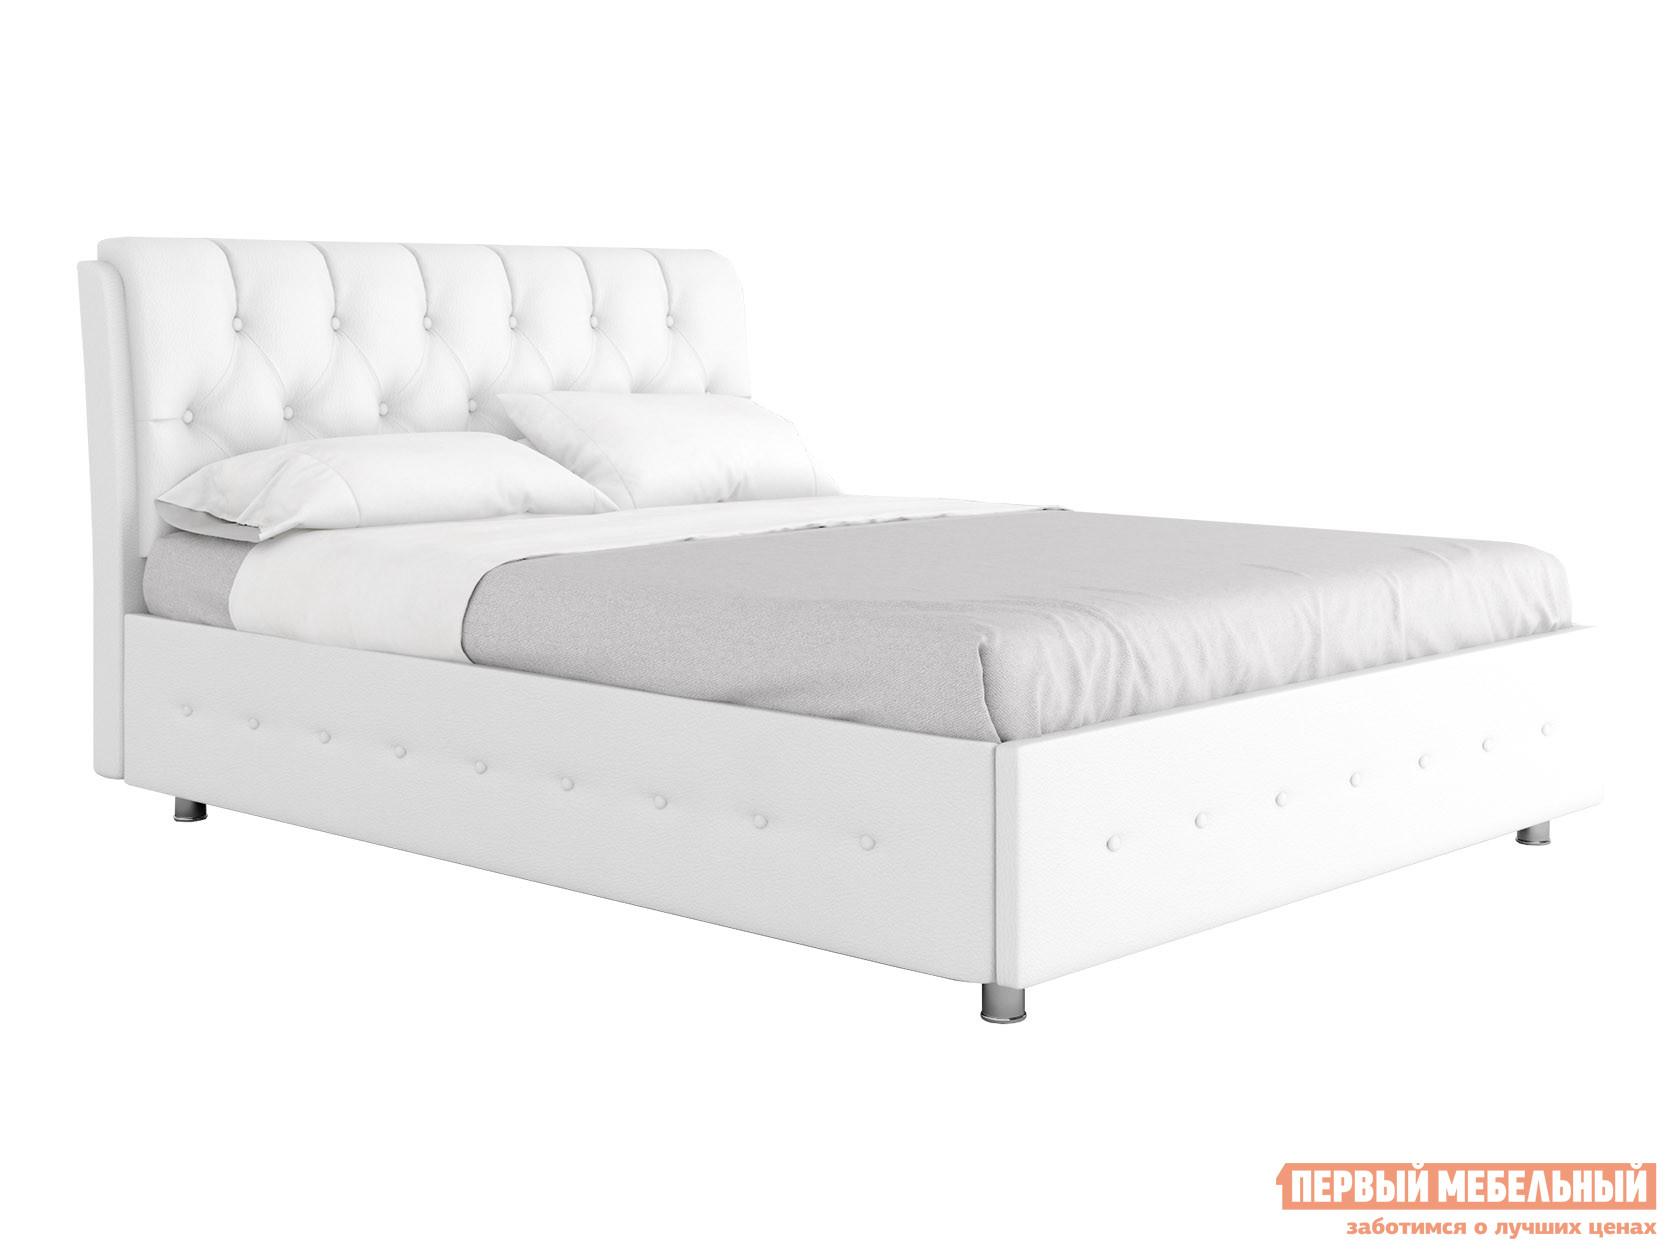 Двуспальная кровать  Кровать с подъемным механизмом Монреаль Белый, экокожа , 1600 Х 2000 мм — Кровать с подъемным механизмом Монреаль Белый, экокожа , 1600 Х 2000 мм